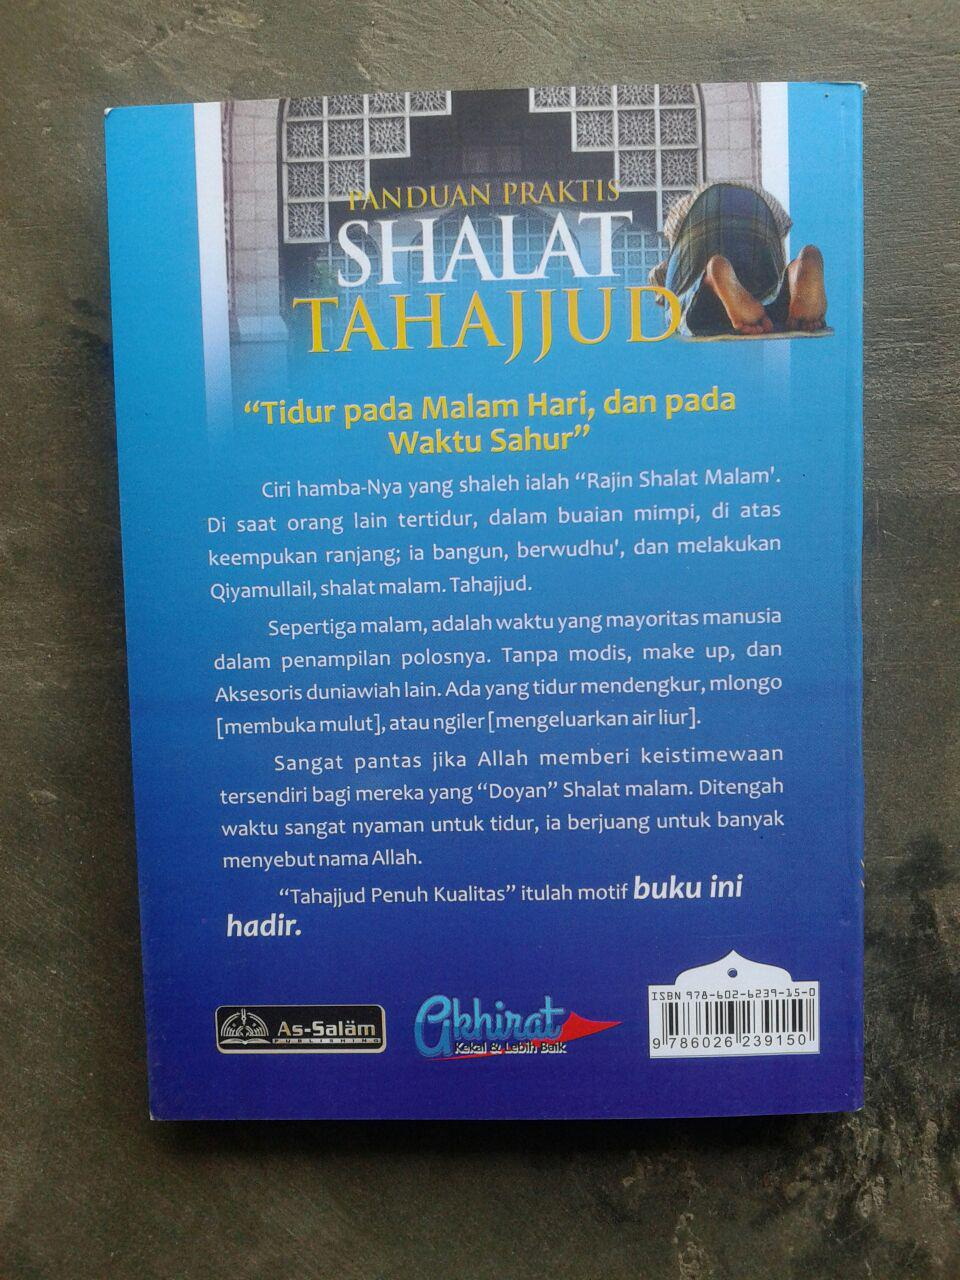 Buku Saku Panduan Praktis Shalat Tahajjud cover 2